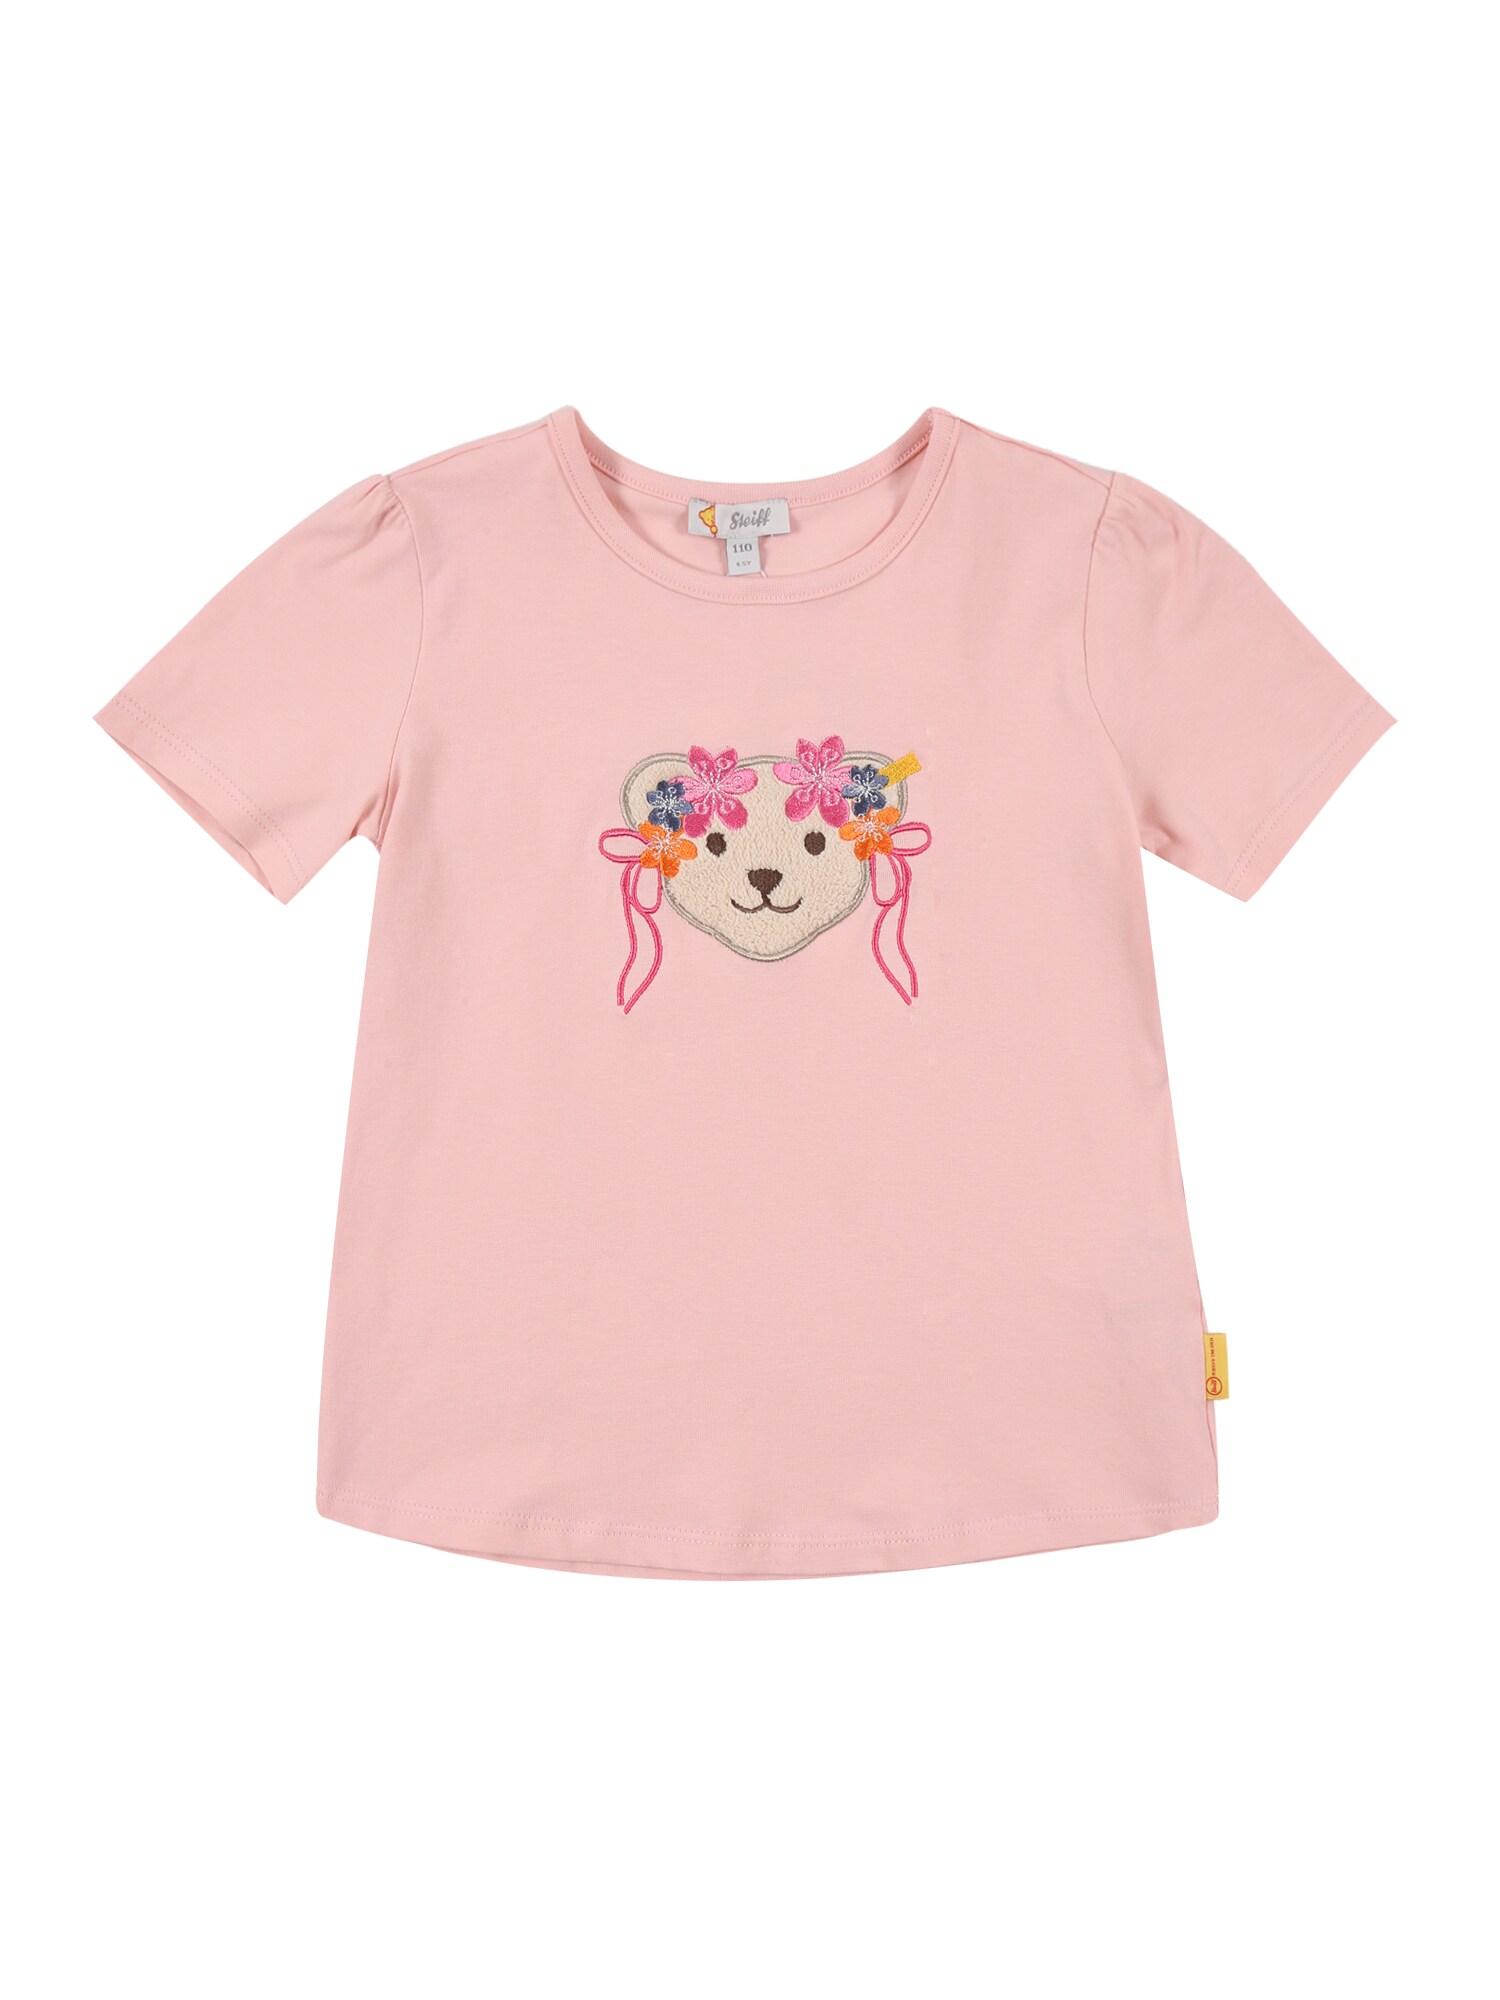 Steiff Collection Marškinėliai ryškiai rožinė spalva / mišrios spalvos